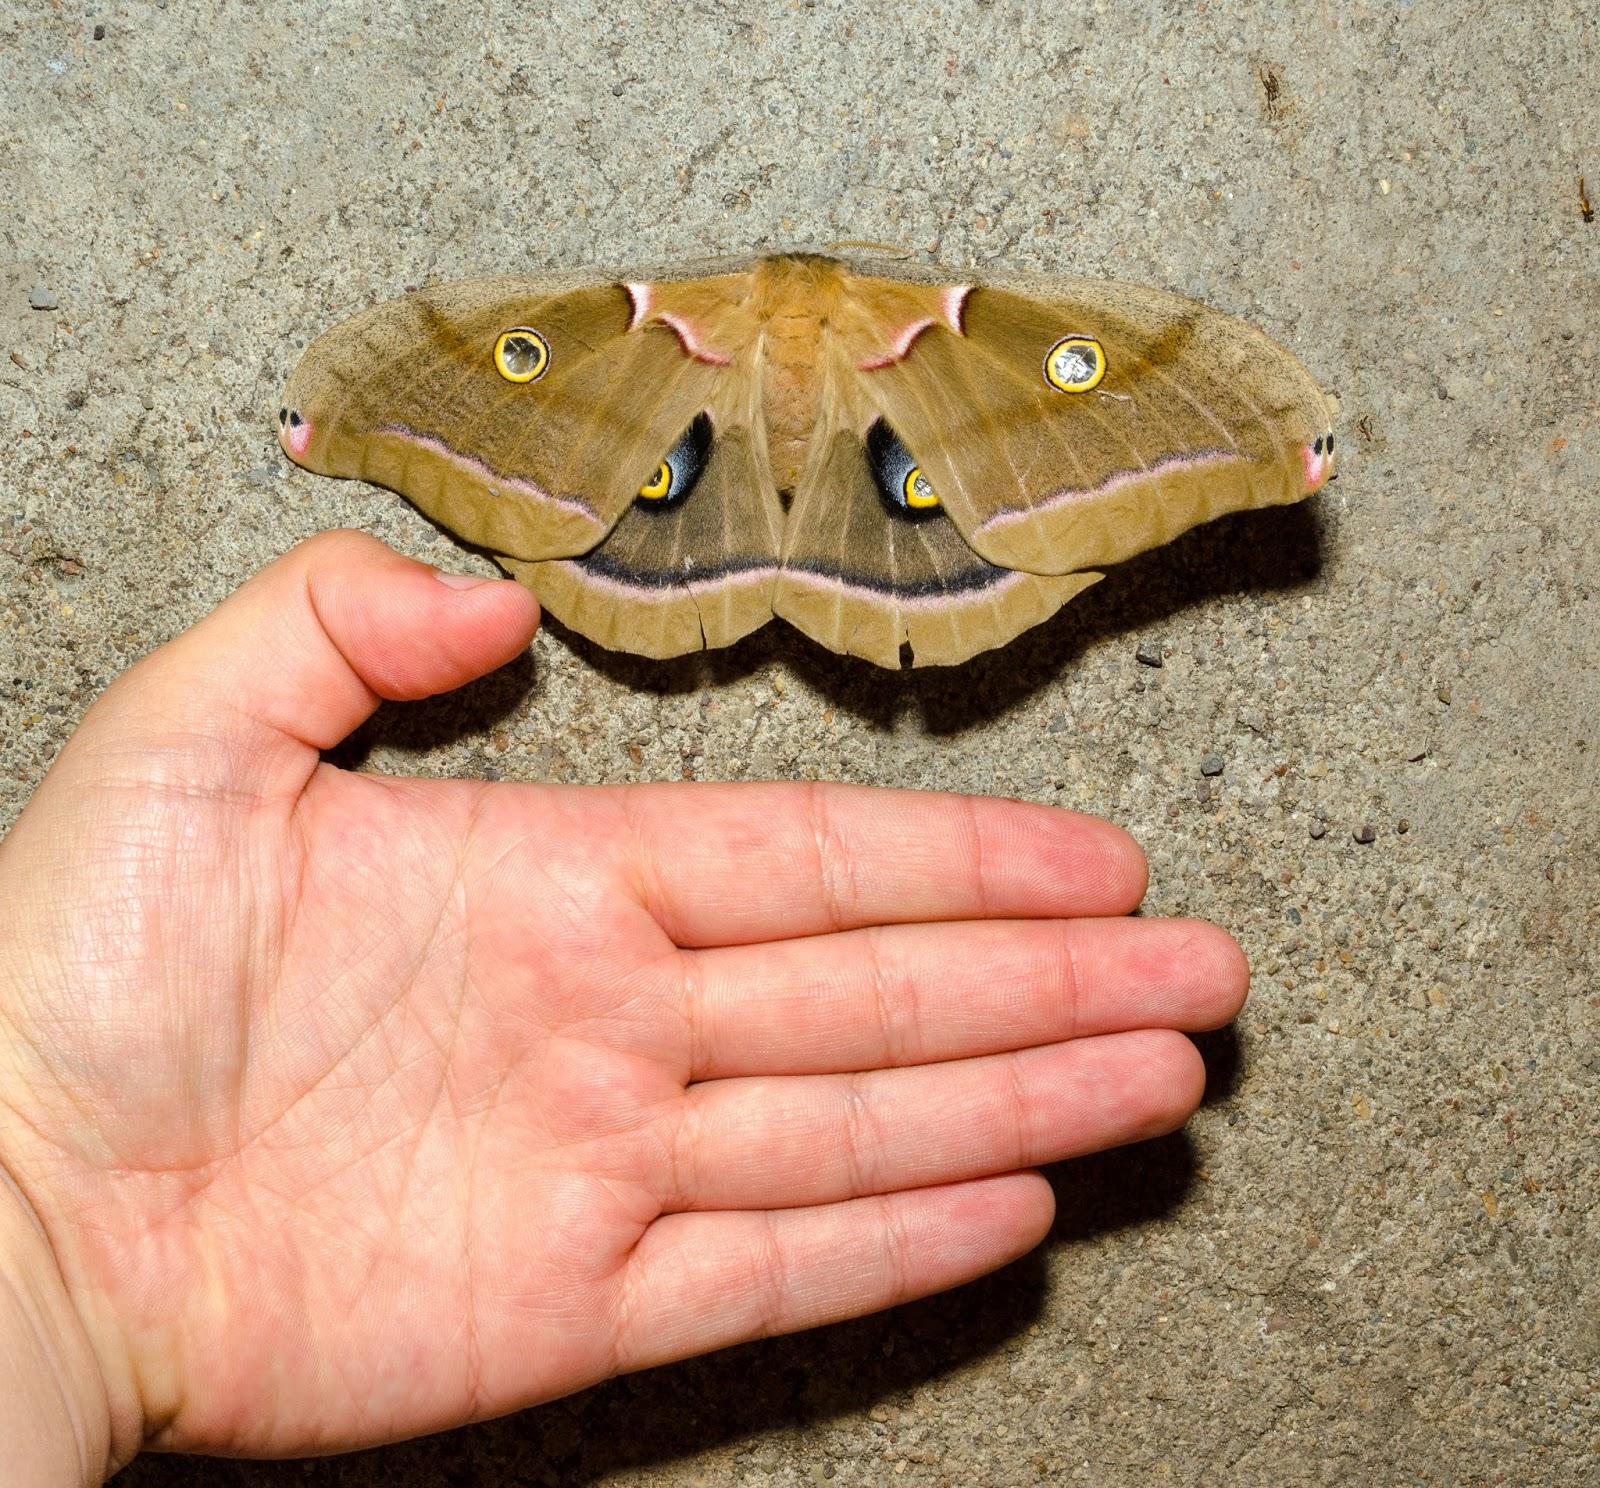 Polyphemus Moth (Antheraea polyphemus) Ohio